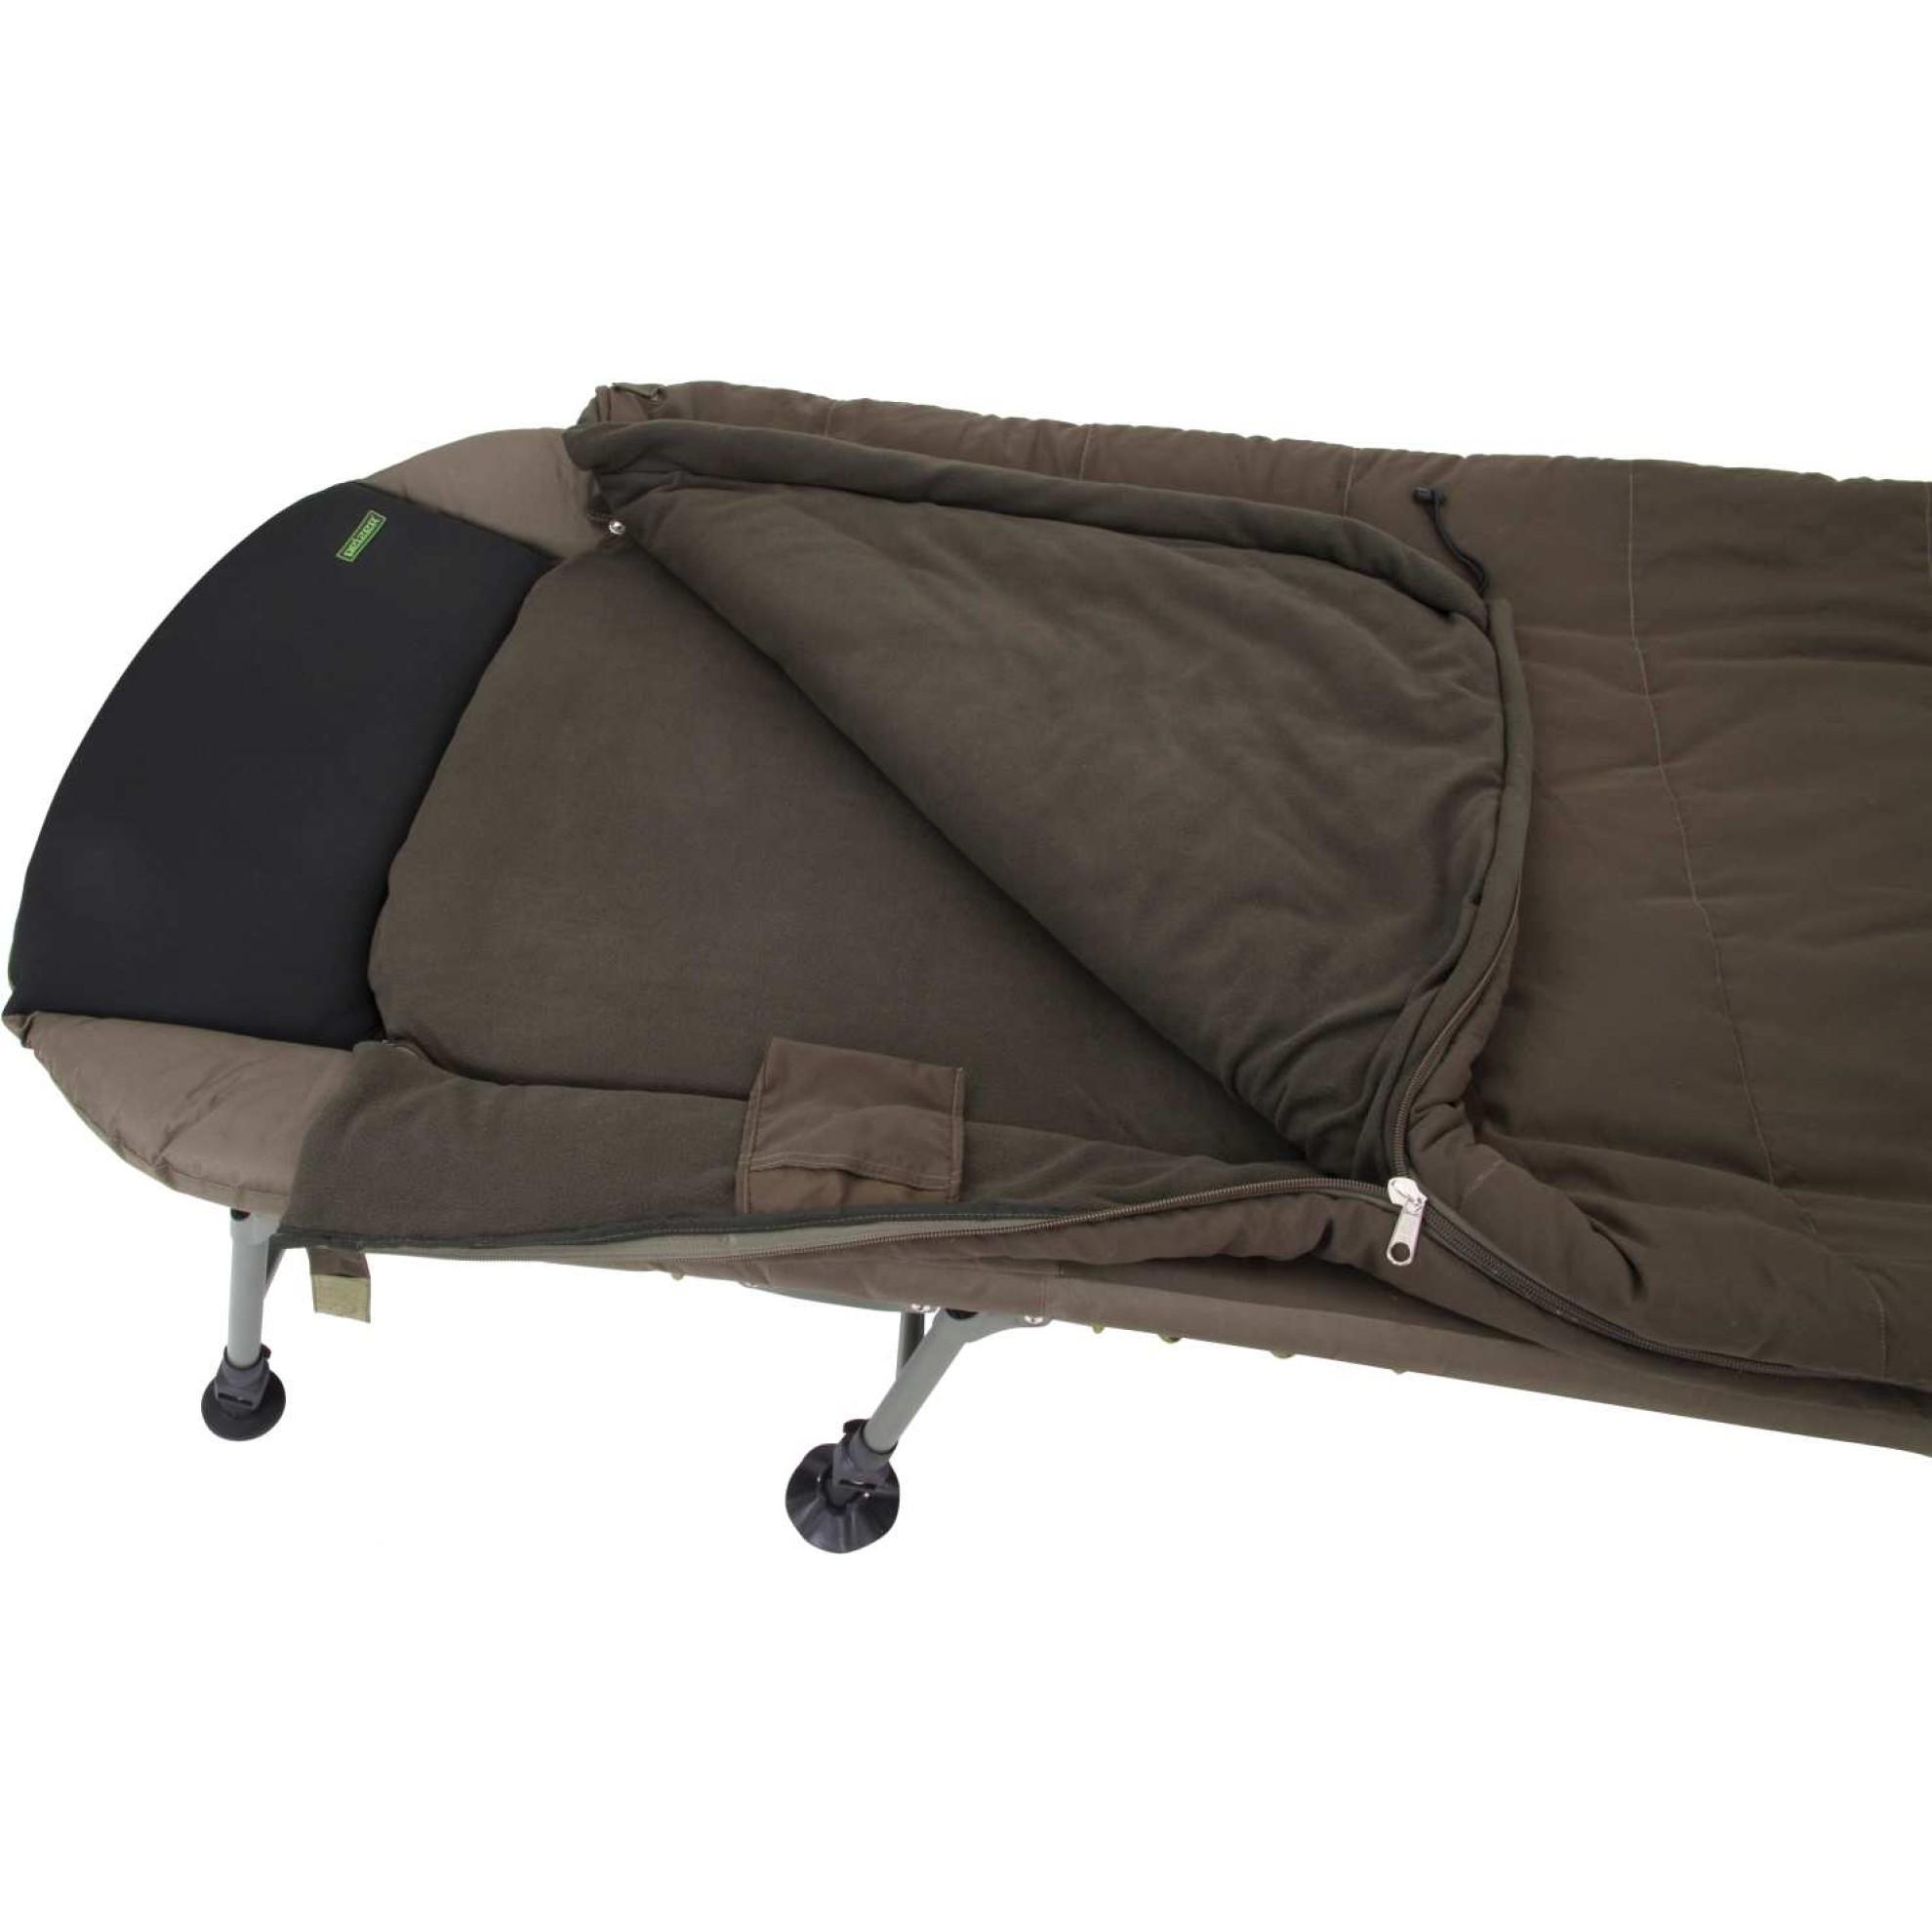 Pleasing Pelzer Compact Bed Chair Flat With Sleeping Bag Inzonedesignstudio Interior Chair Design Inzonedesignstudiocom